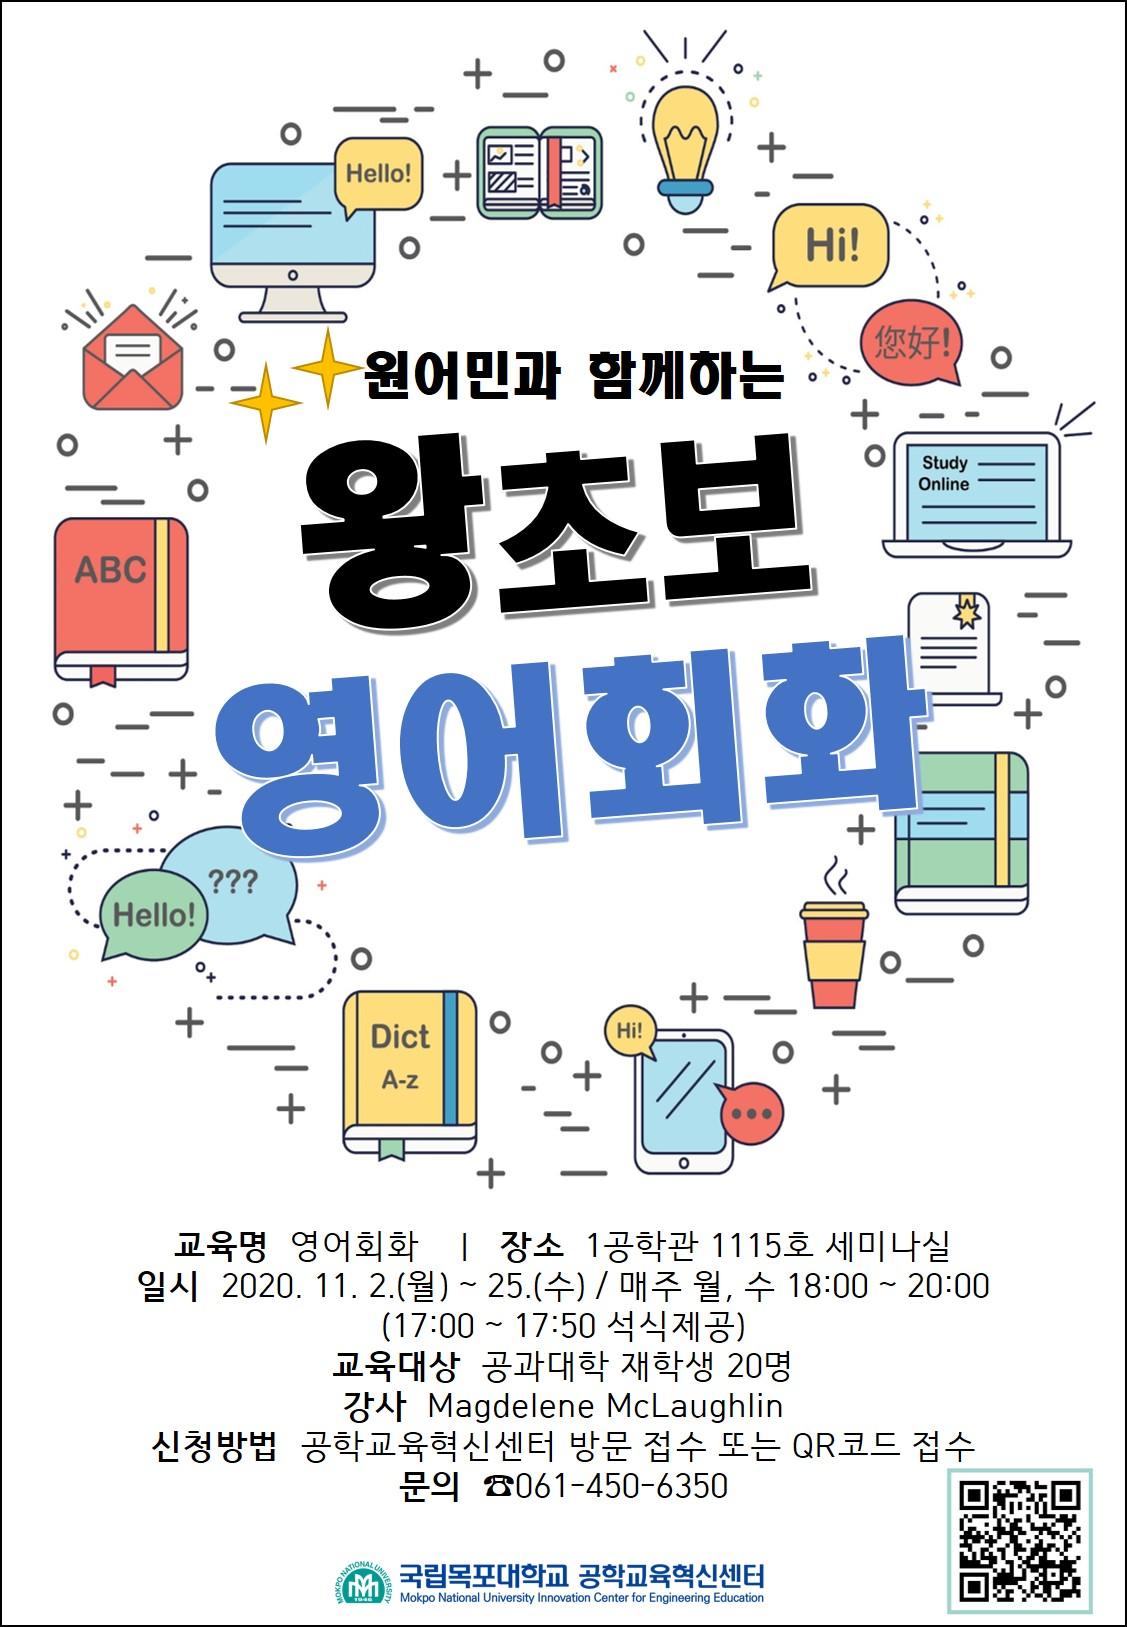 영어회화 교육 홍보 포스터.jpg